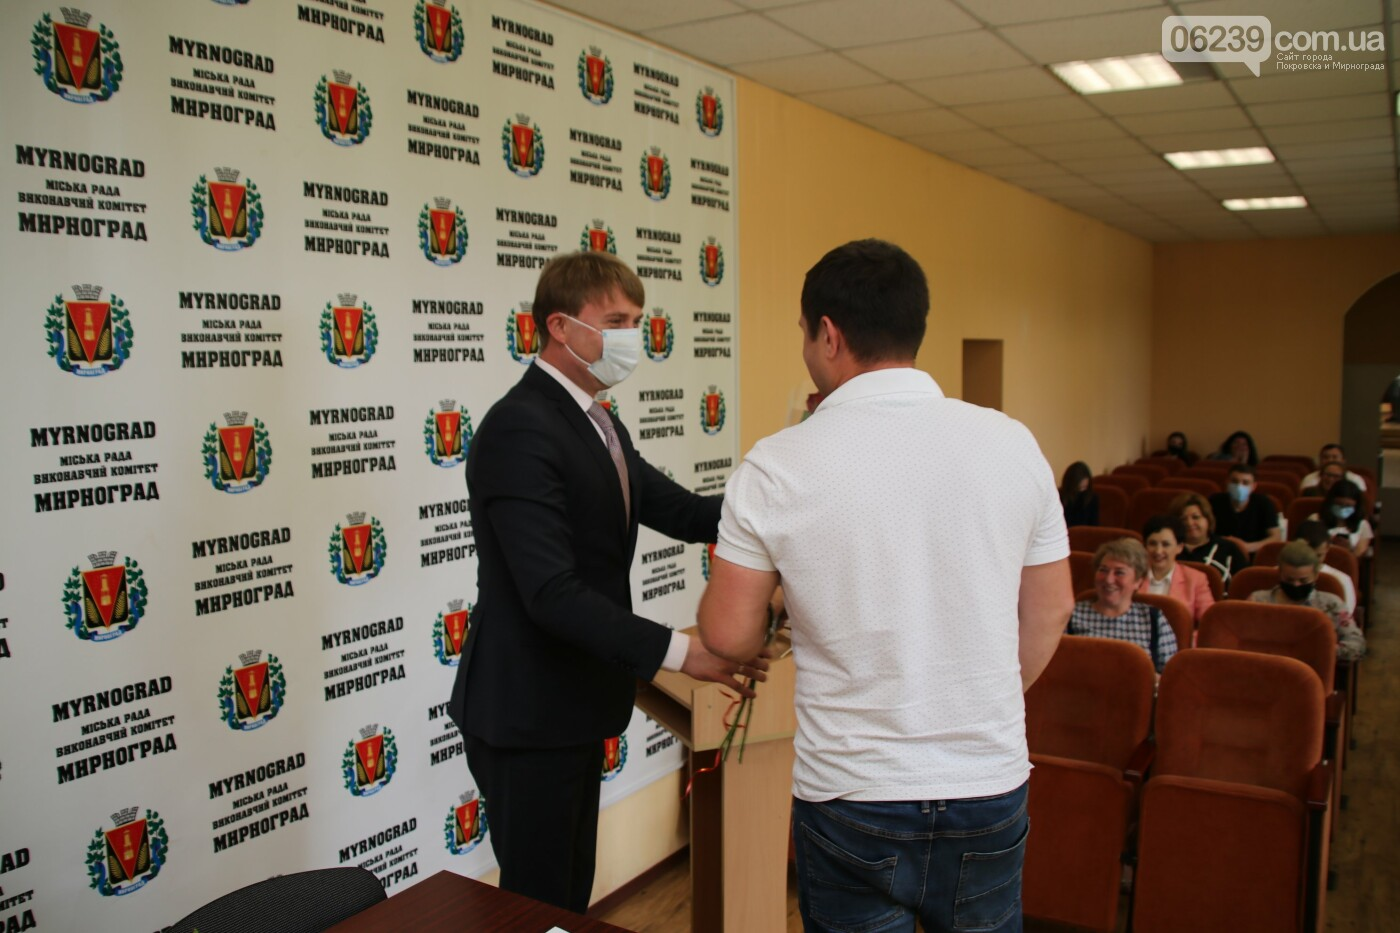 Вопросы благоустройства города и местного бюджета: в Мирнограде состоялась сессия городского совета, фото-1